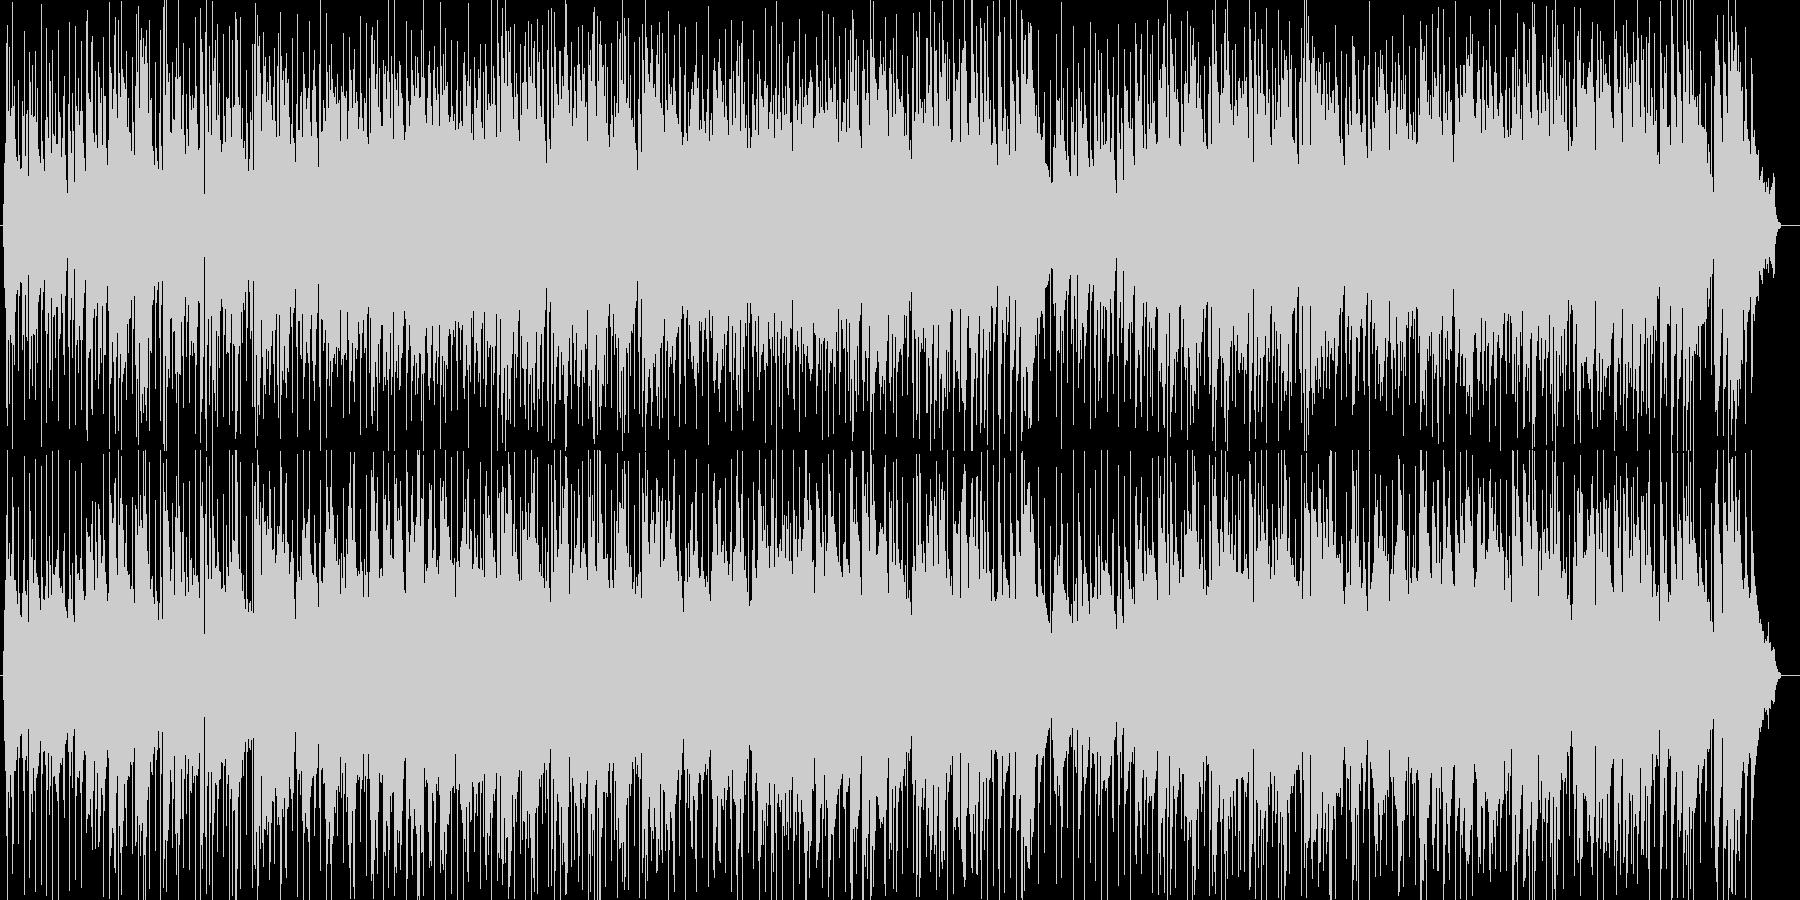 ドライブBGM風シンセサイザー曲の未再生の波形